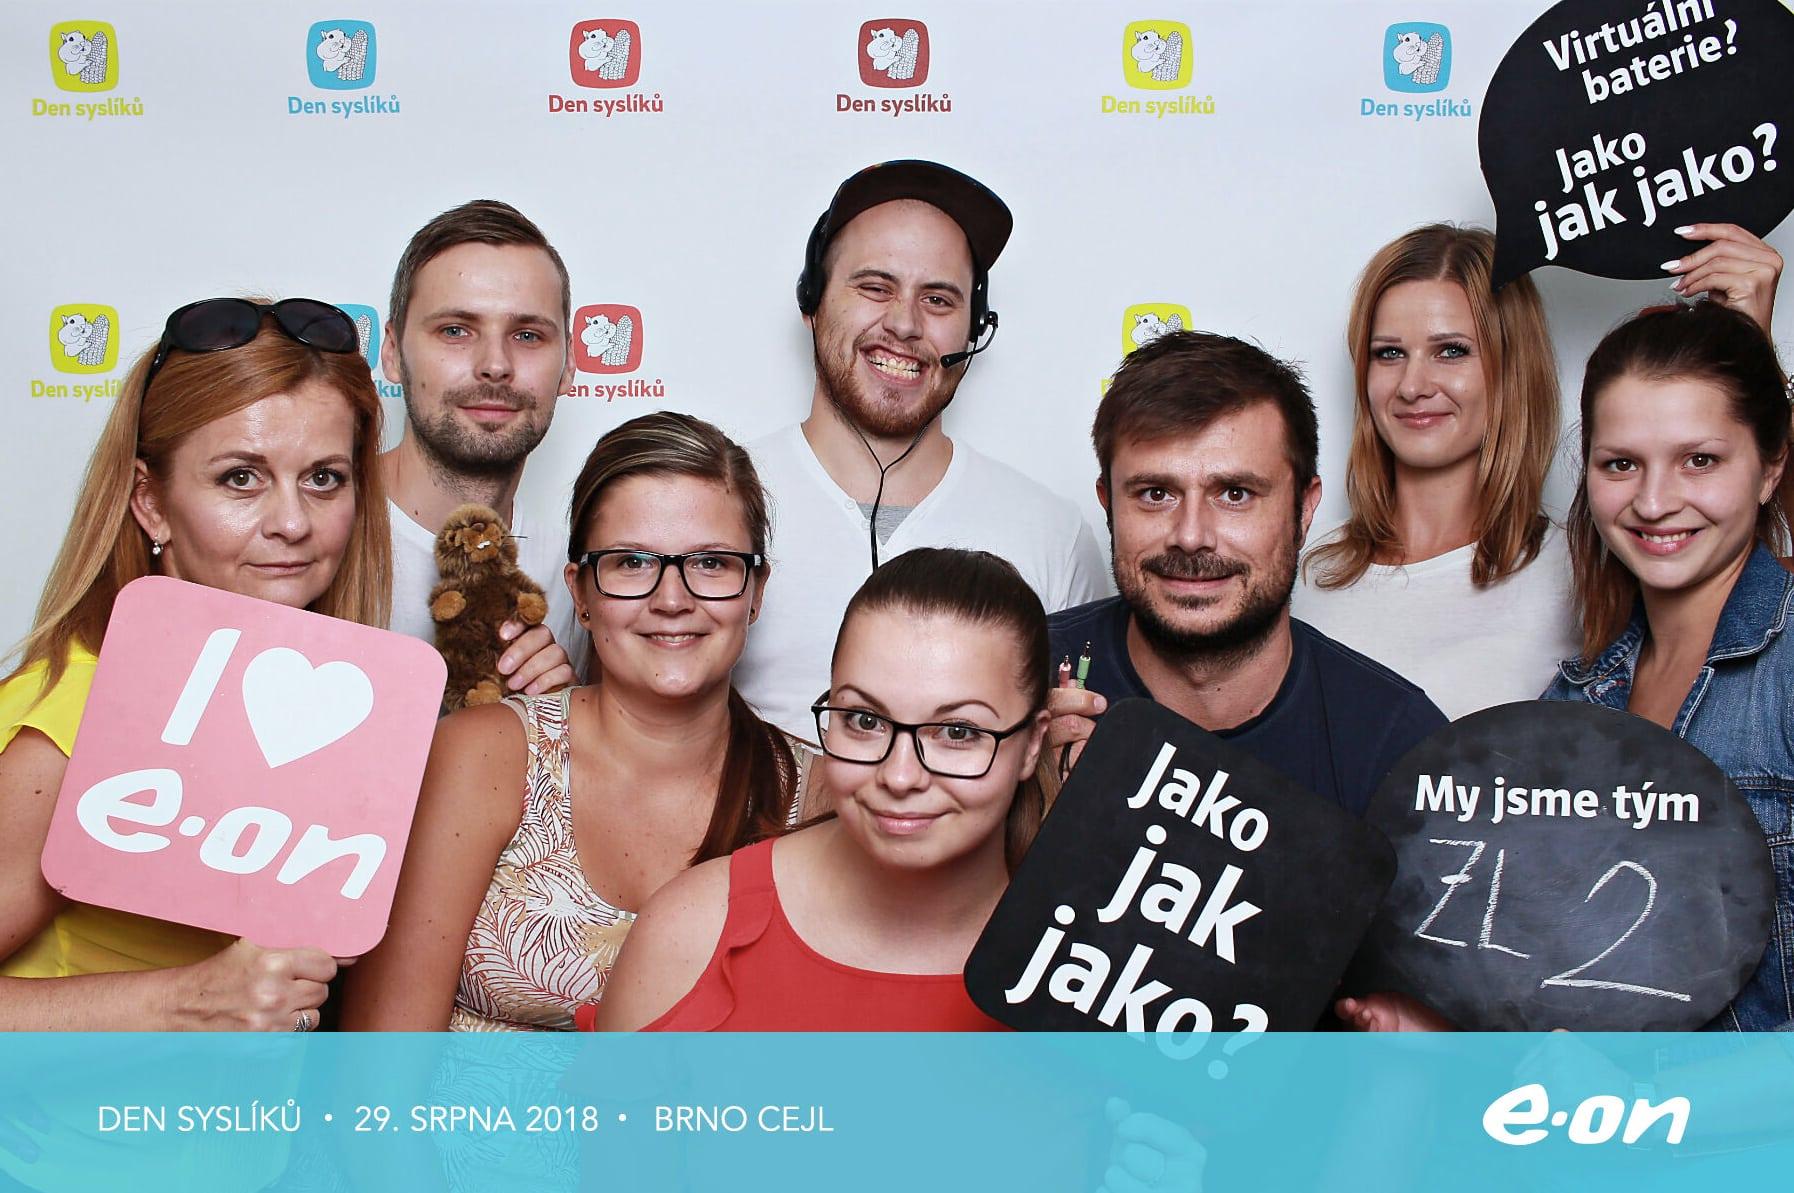 fotokoutek-e-on-den-sysliku-29-8-2018-475051